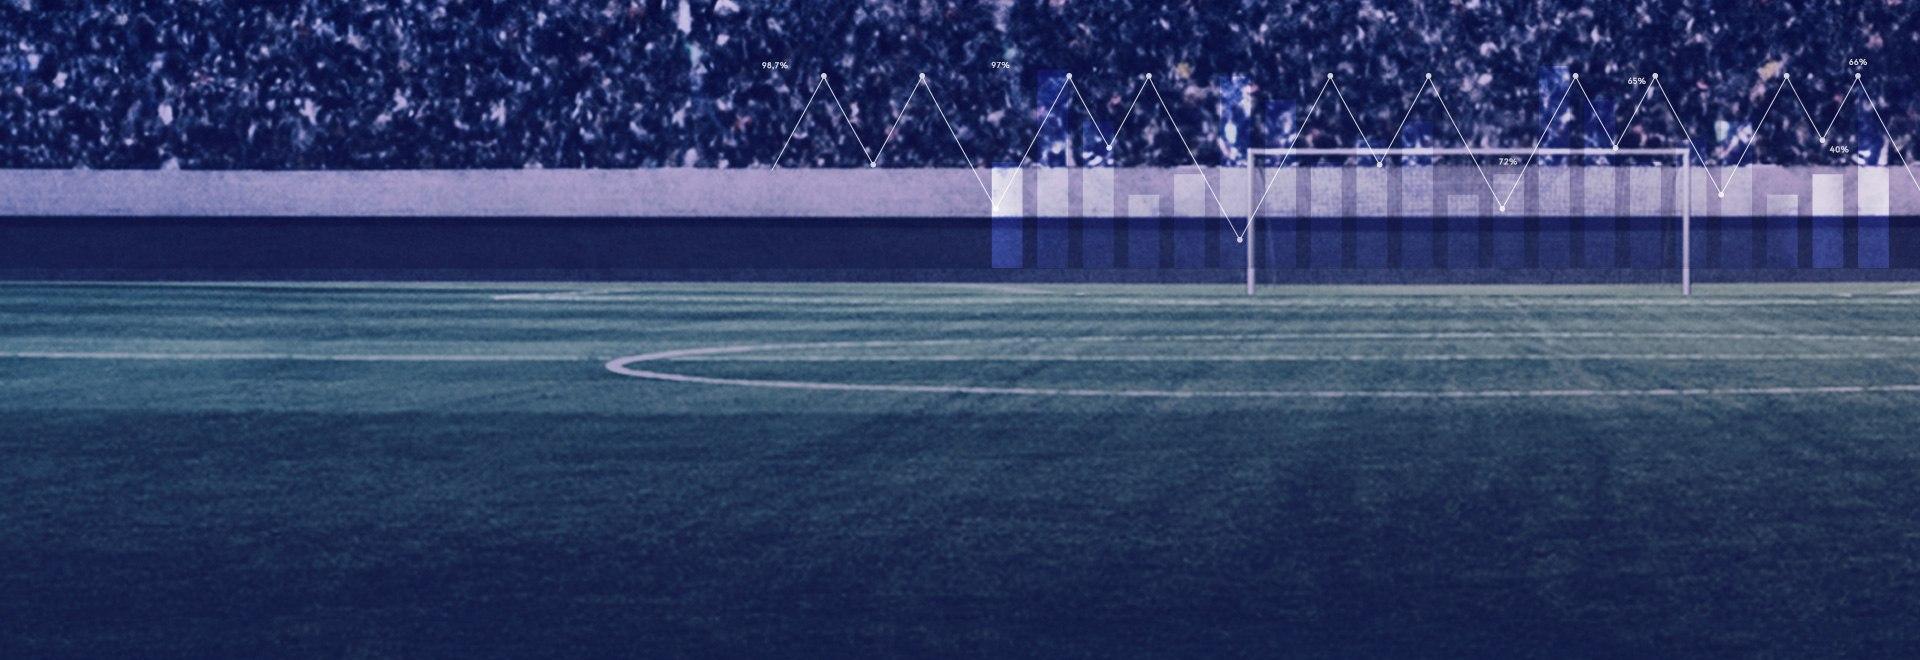 Il calciomercato invernale